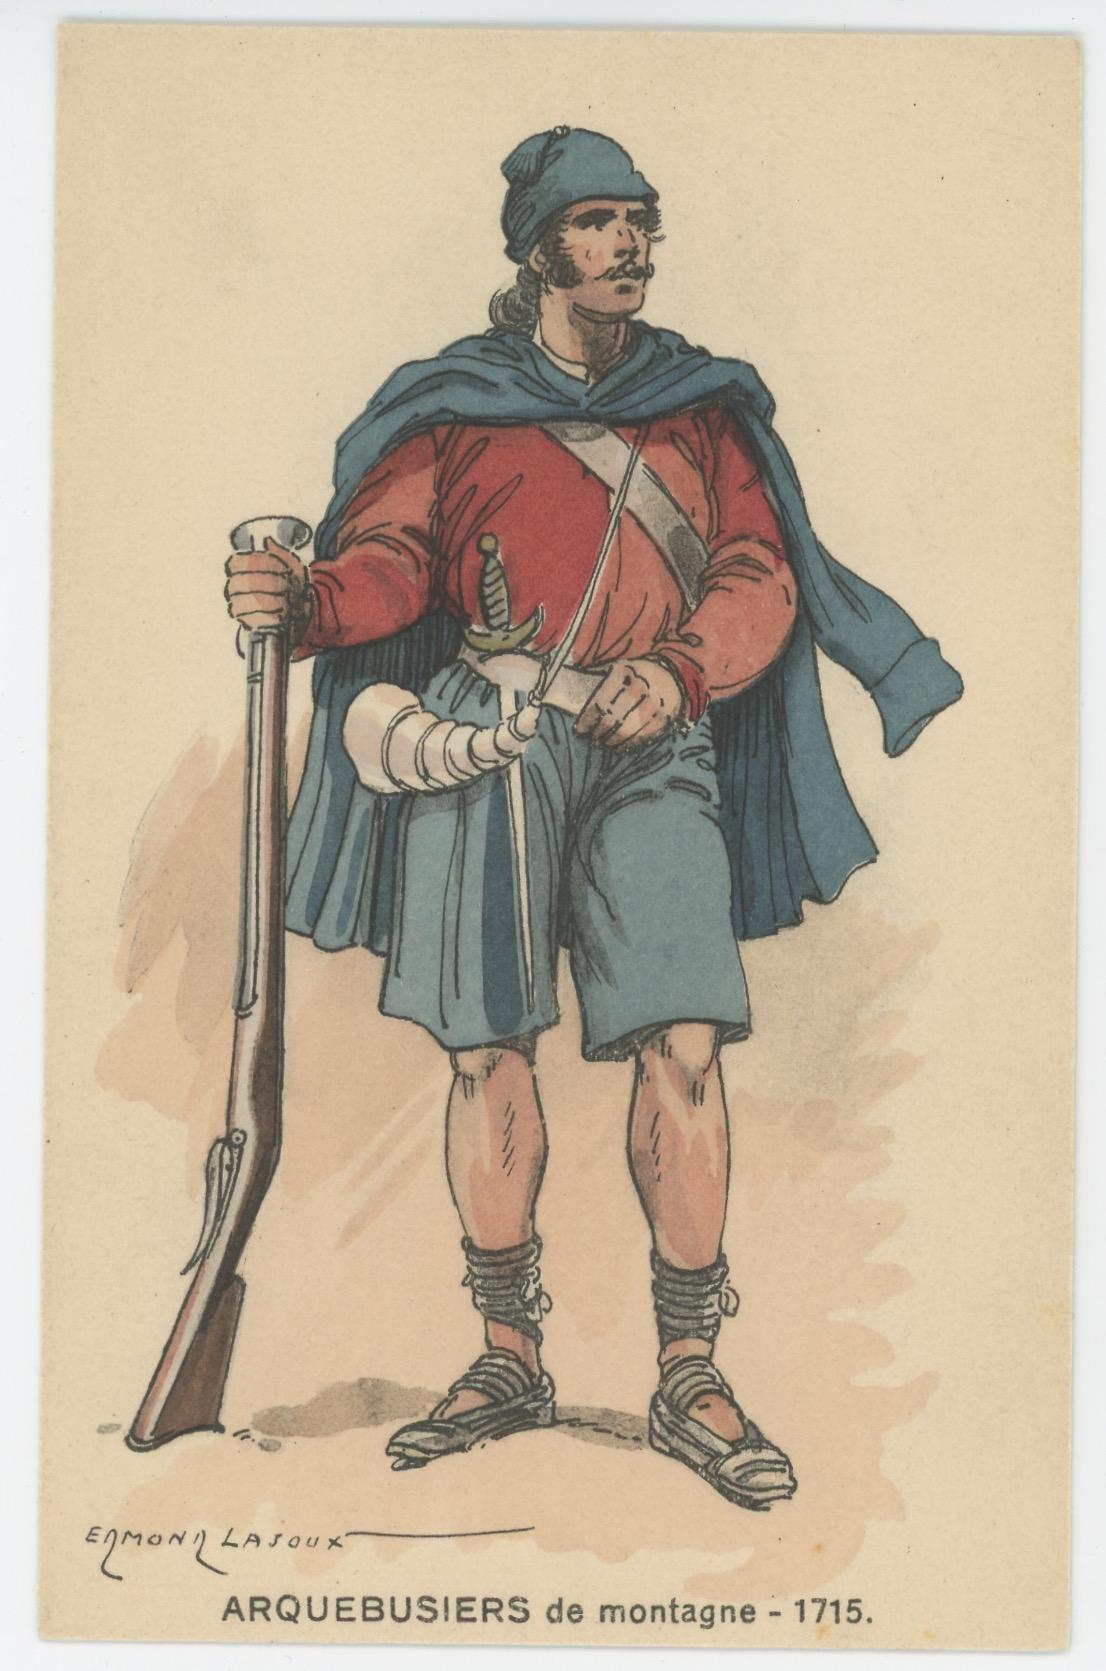 Carte Postale Illustrée - Edmond Lajoux - Edition Militaire Illustrées - Arquebusiers de Montagne - 1715